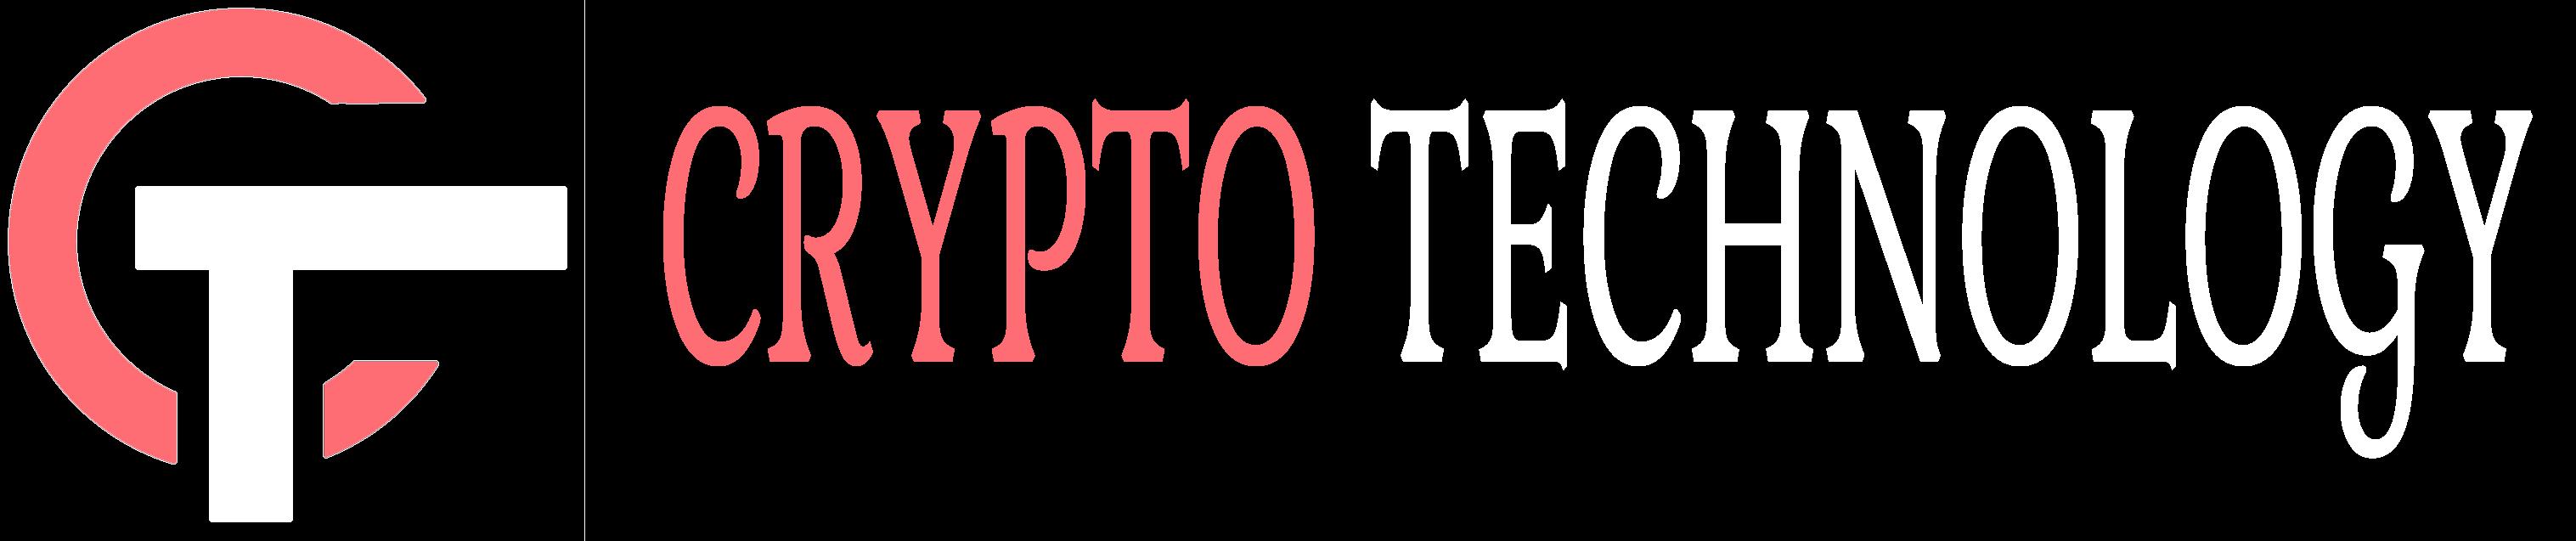 Crypto Technology